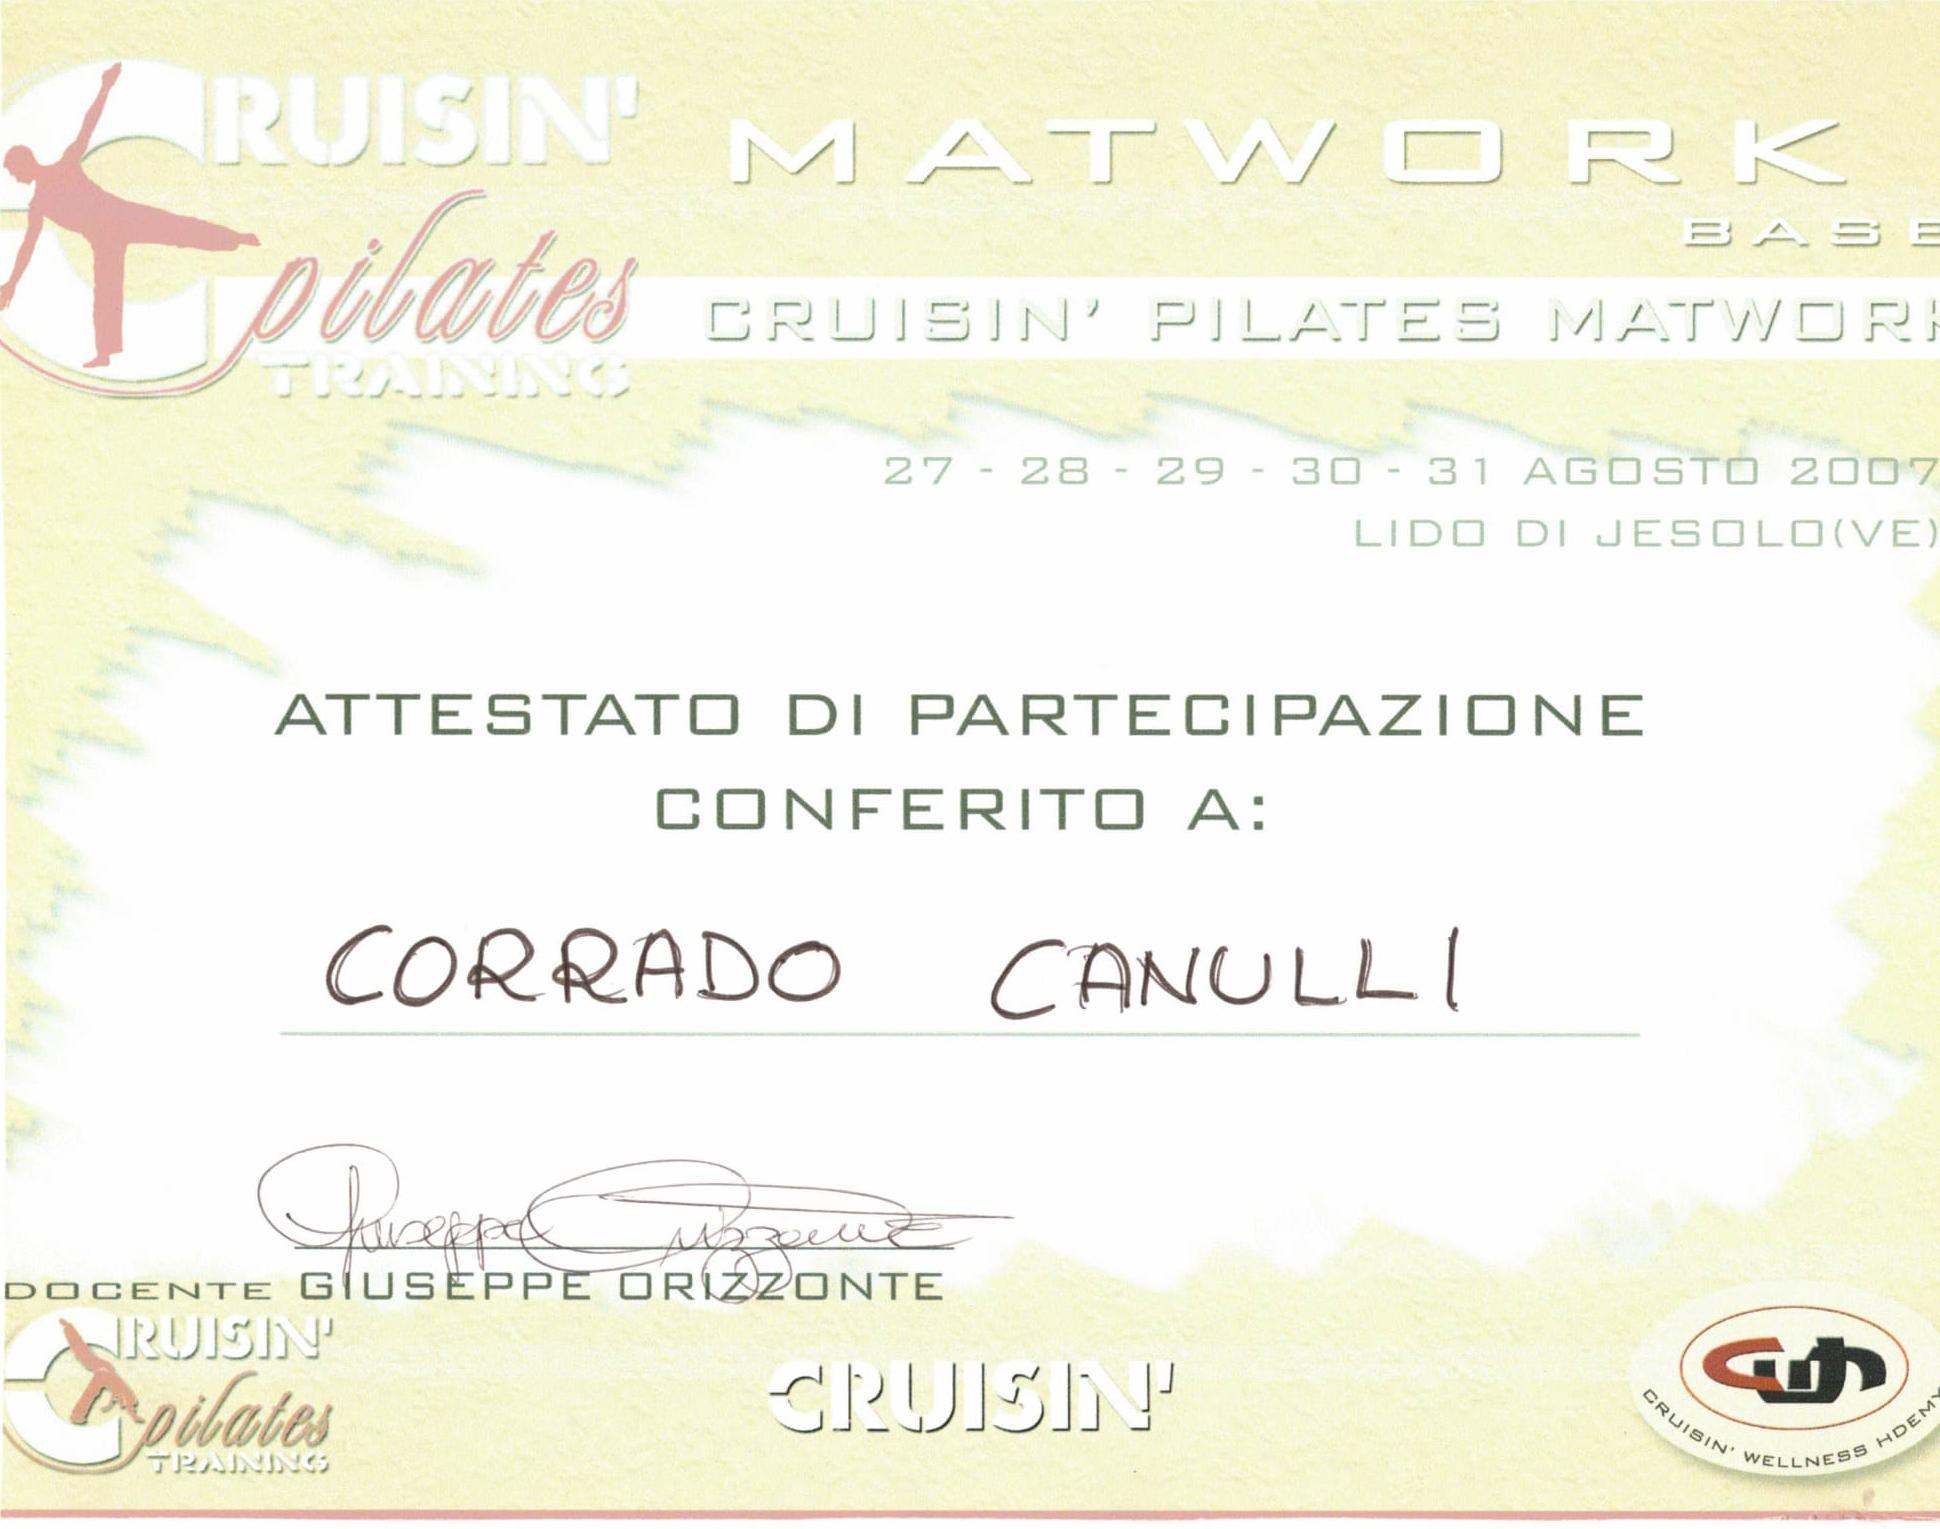 Attestato di partecipazione al corso Matwork 1 con Giuseppe Orizzonte